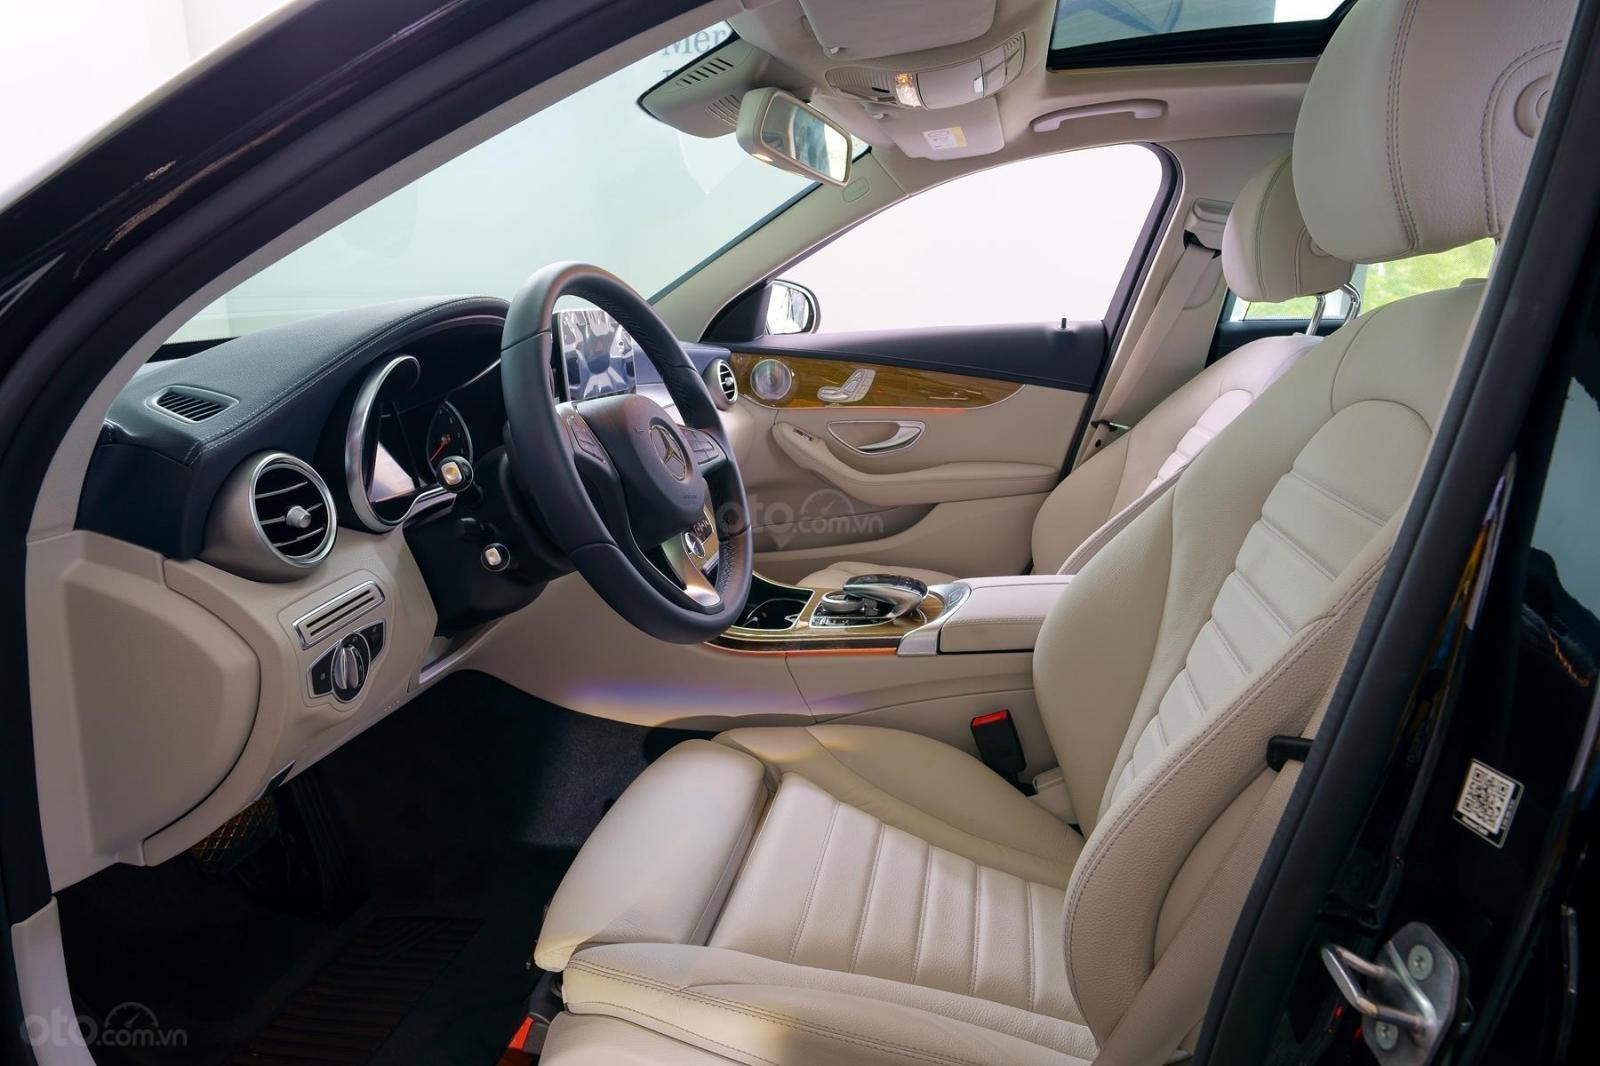 Mercedes Phú Mỹ Hưng cần bán C250 Exclusive 2019 lướt 30km, 1,619 triệu, mới 100% (9)